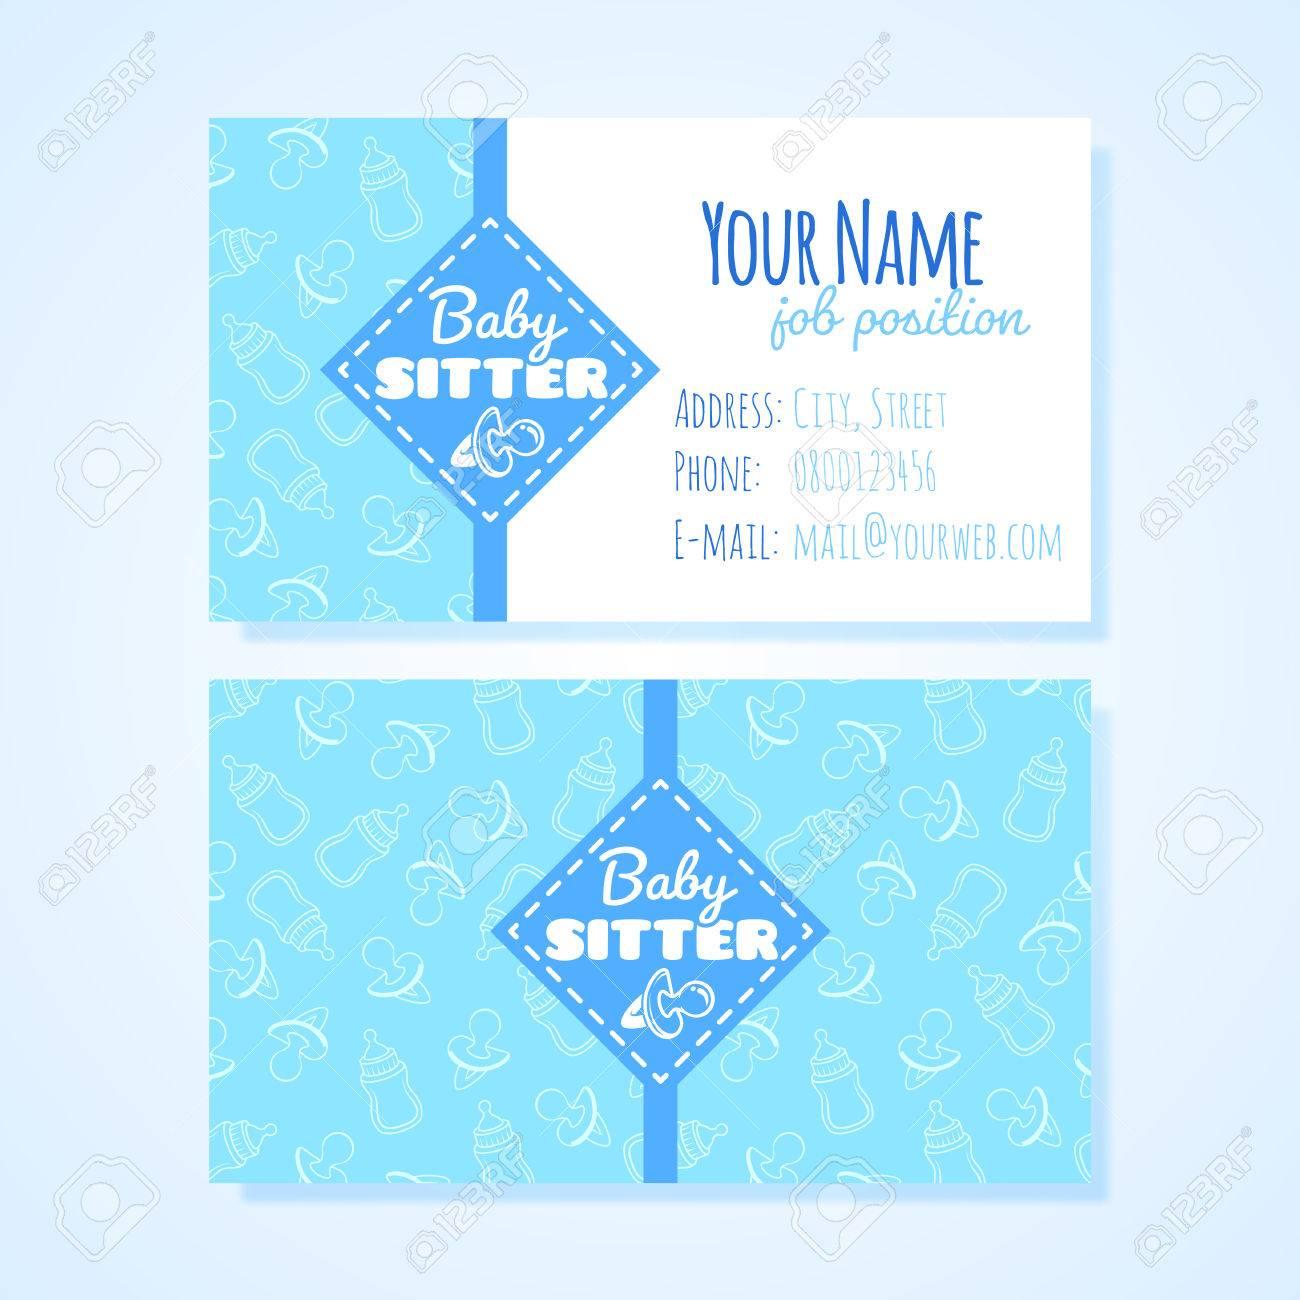 Deux Modèle De Carte De Visite Horizontale Pour Le Service De Baby Sitter